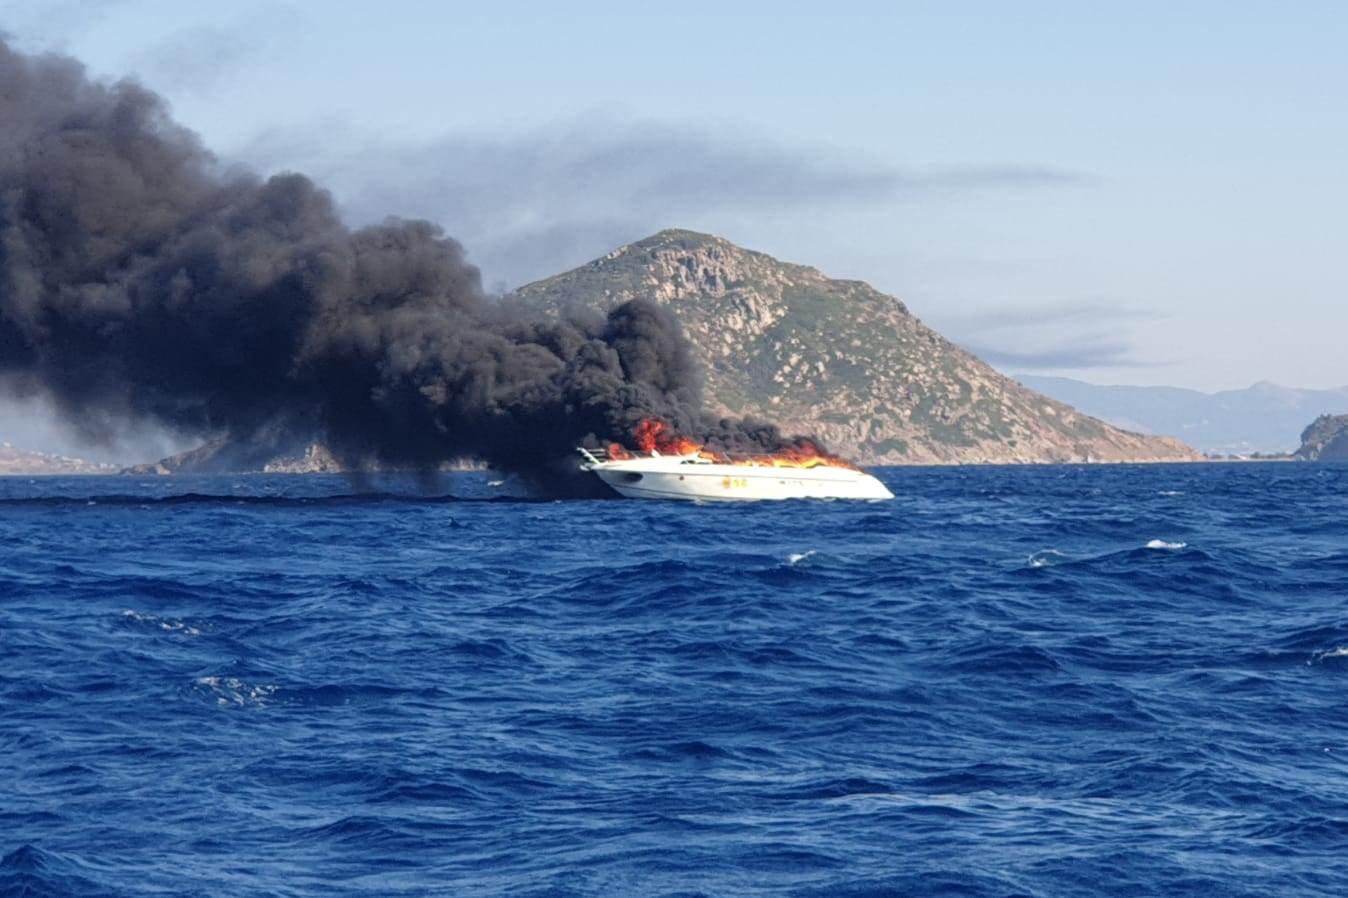 turgutreis tekne yanıyor TURGUTREİS AÇIKLARINDA YANAN TEKNEYE MÜDAHALE EDİLMEYE ÇALIŞILIYOR… turgutreis deniz kazasi 1